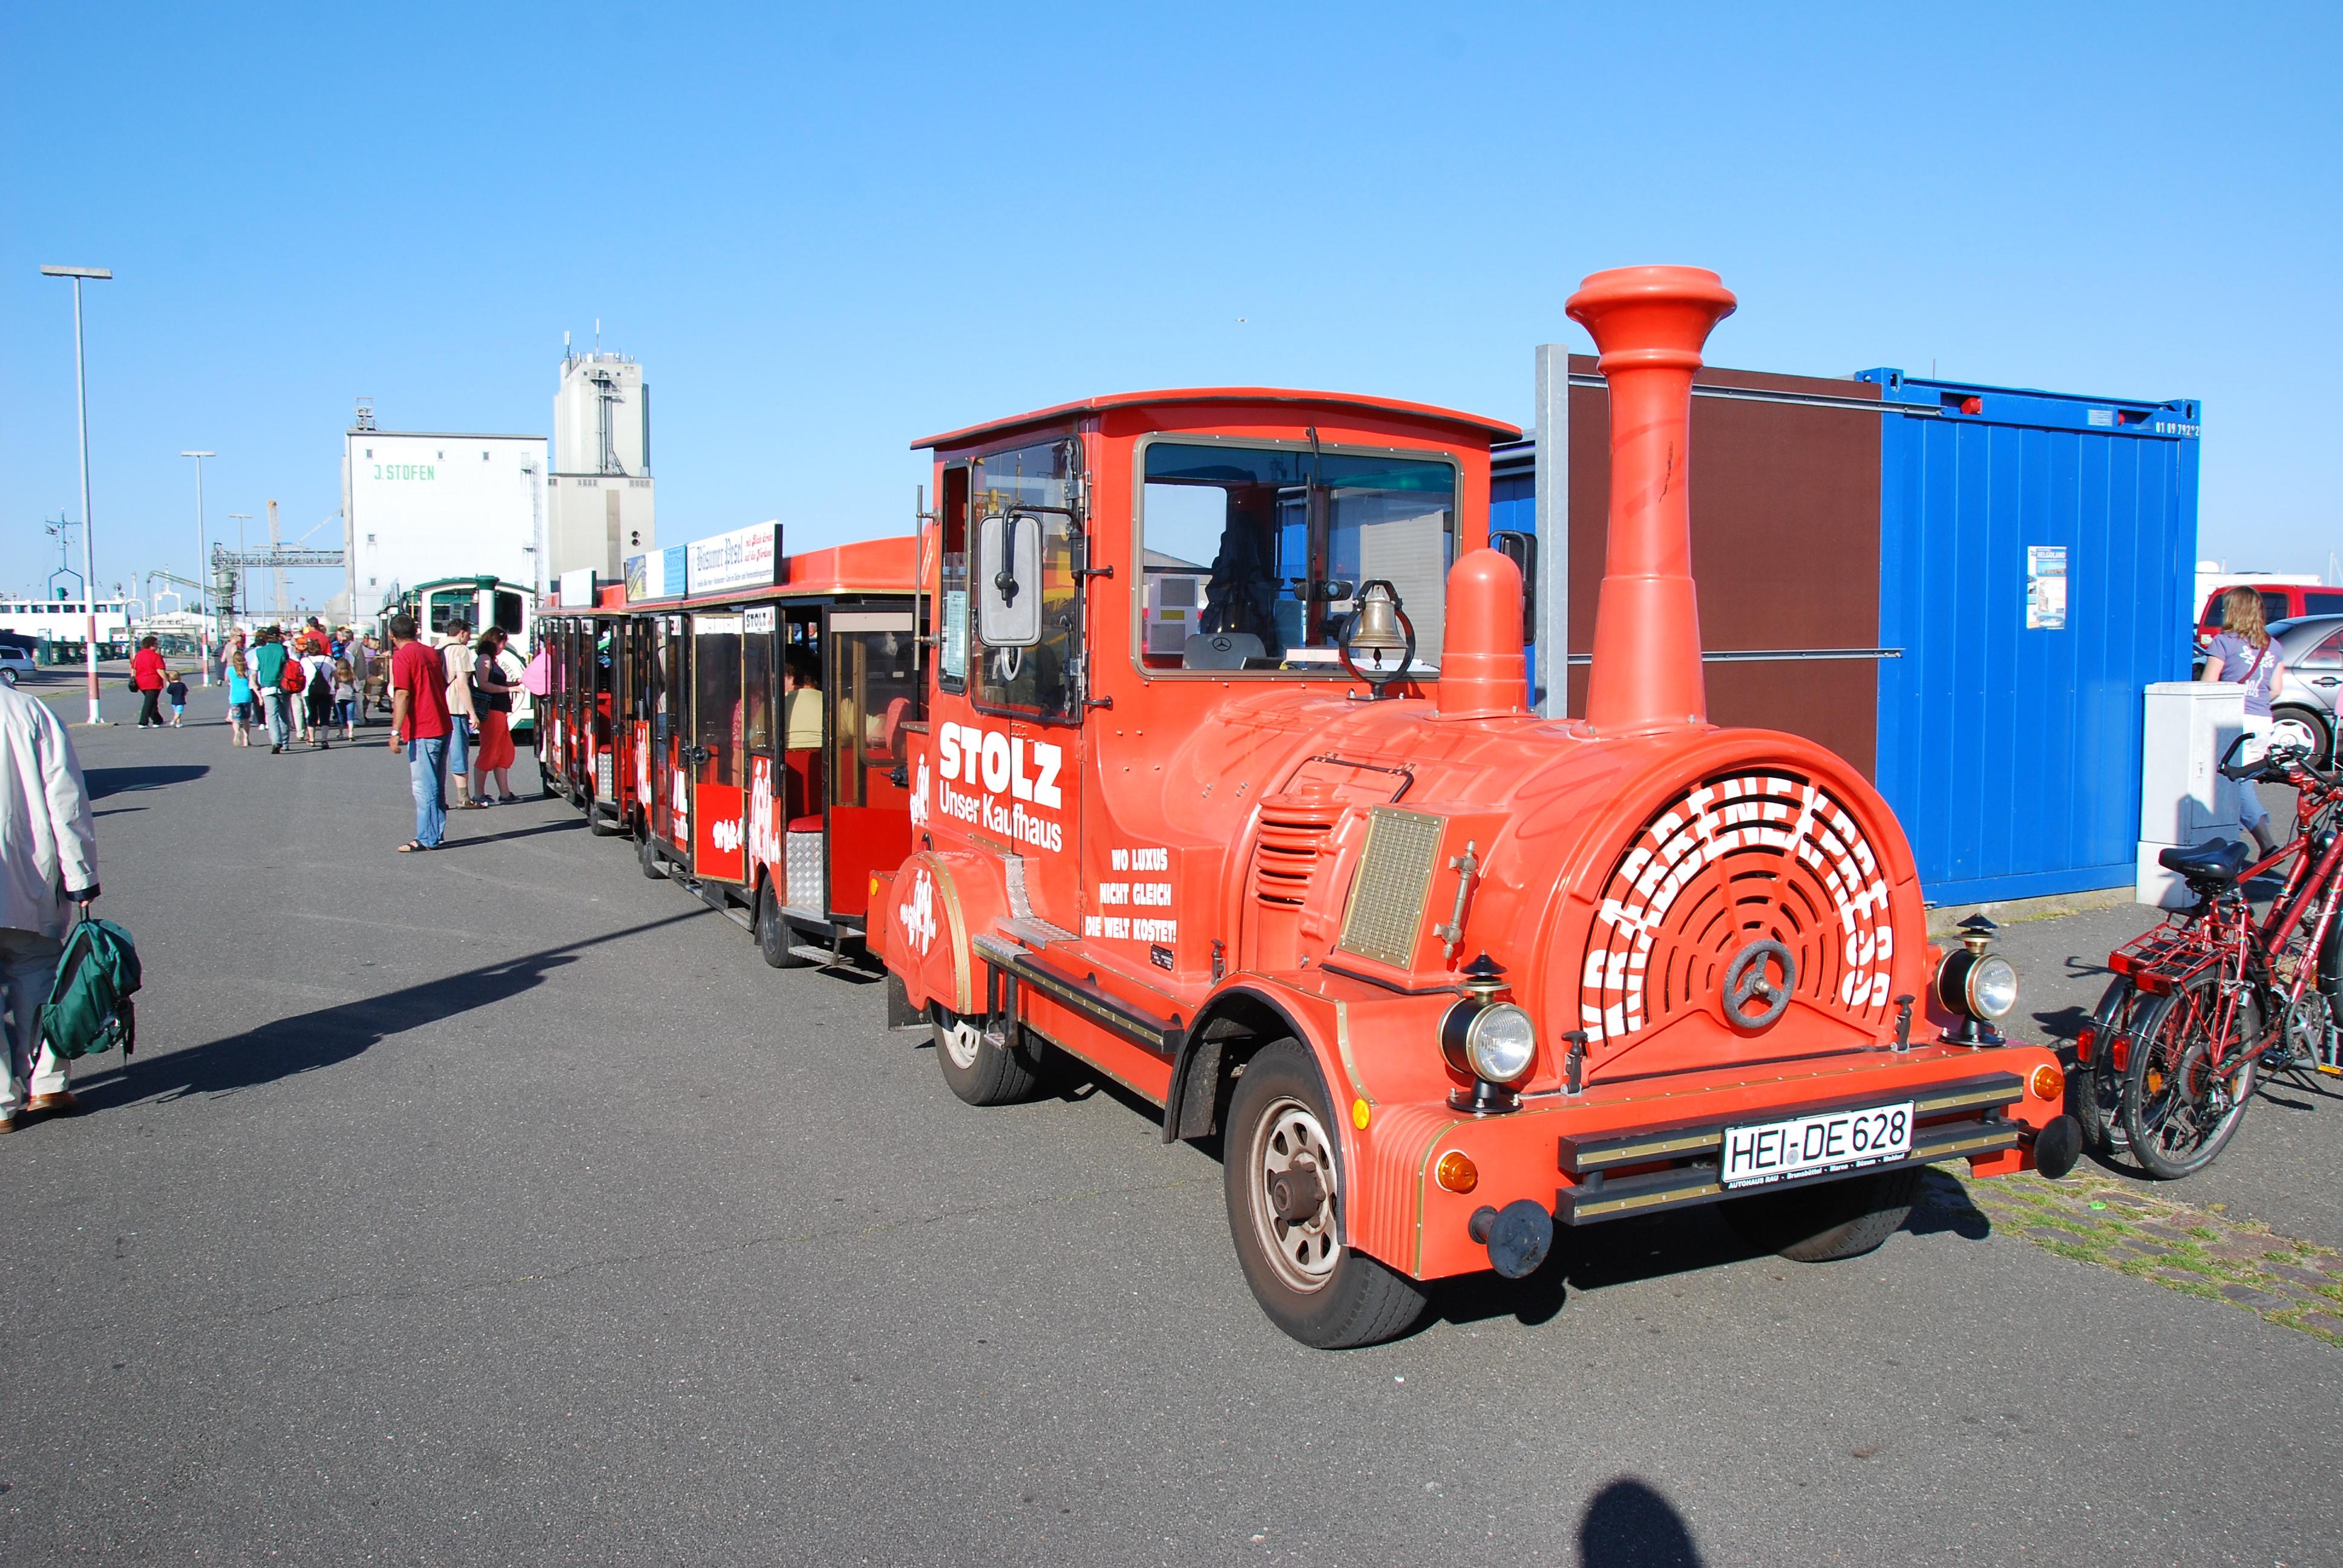 Ved ankomsten til havnen holder der tog til at transportere gæsterne ind til Büsum by.